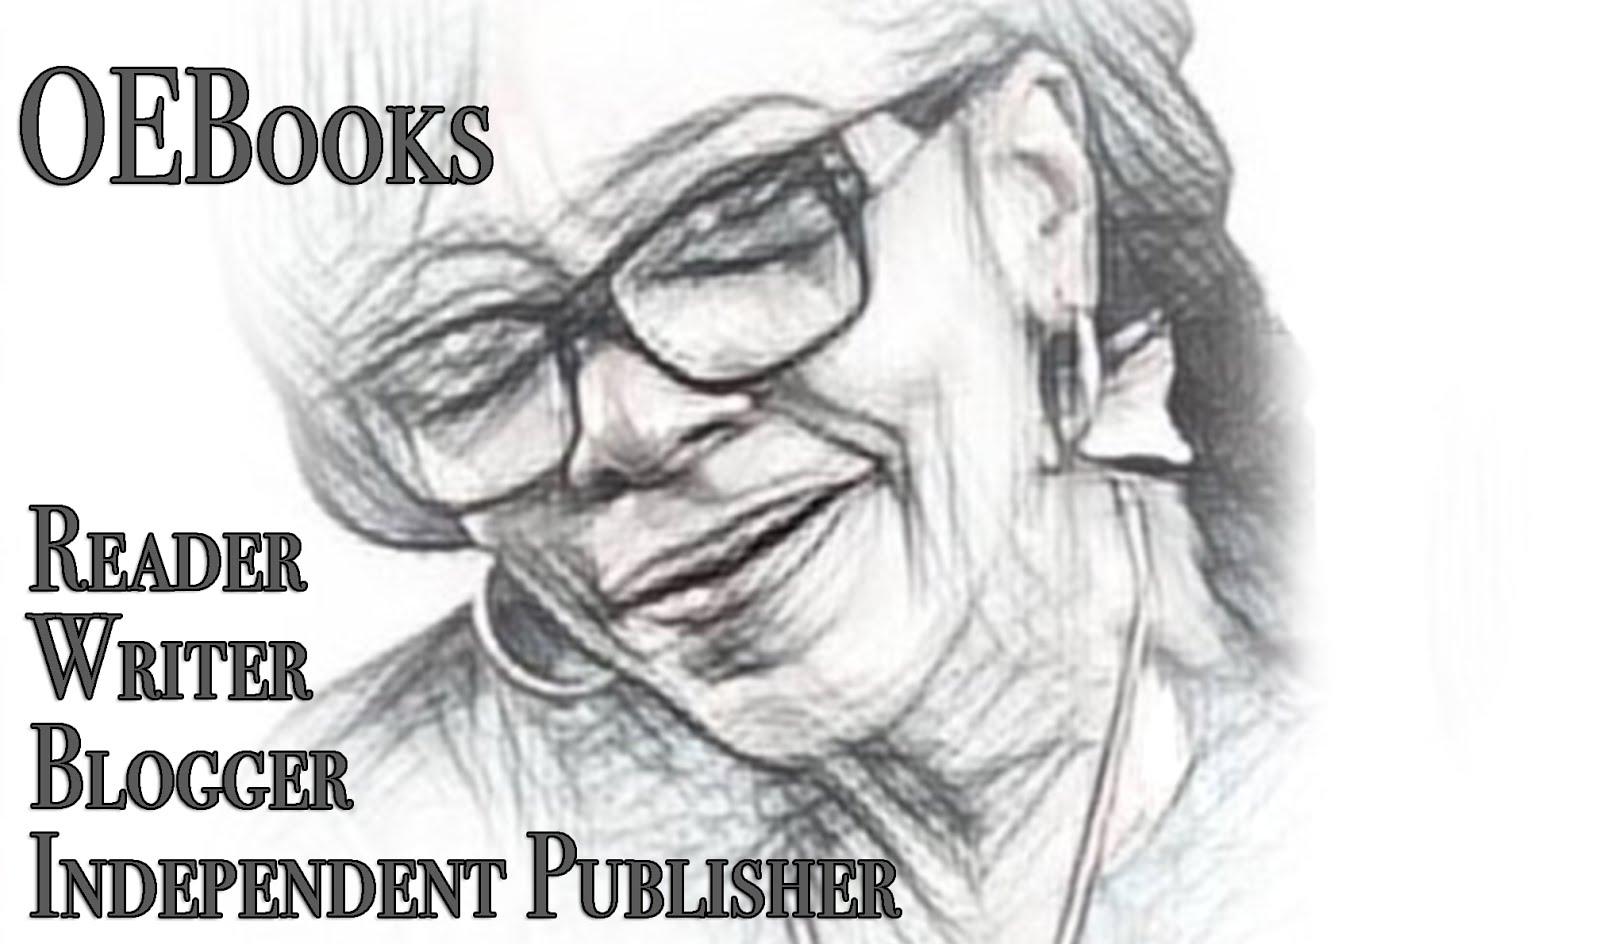 OEBooks Blog